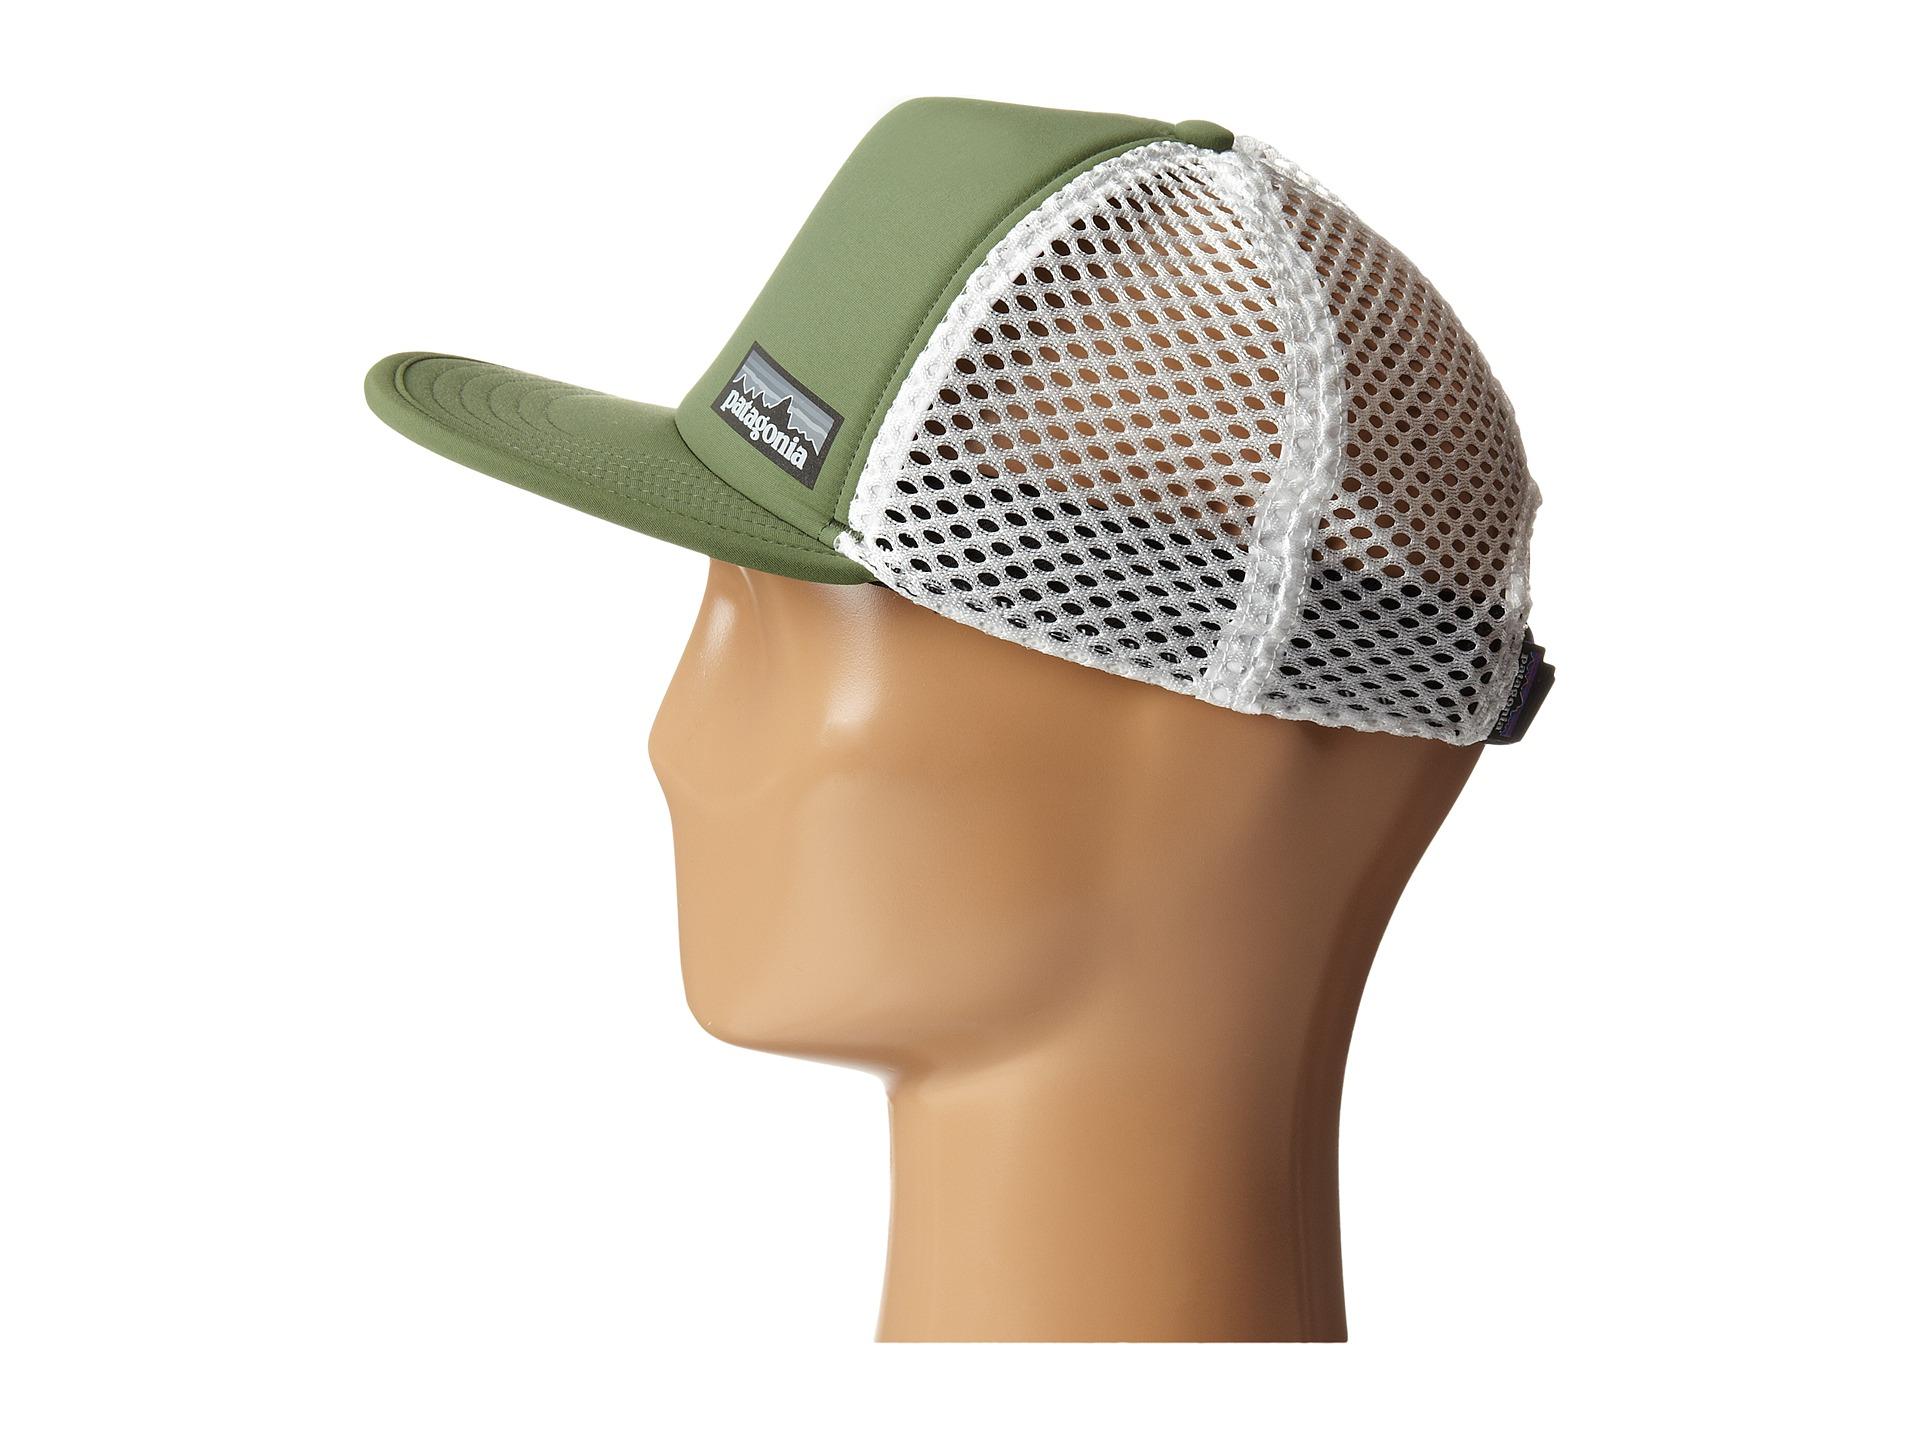 Lyst - Patagonia Duckbill Trucker Hat in Green b1c2db5297f